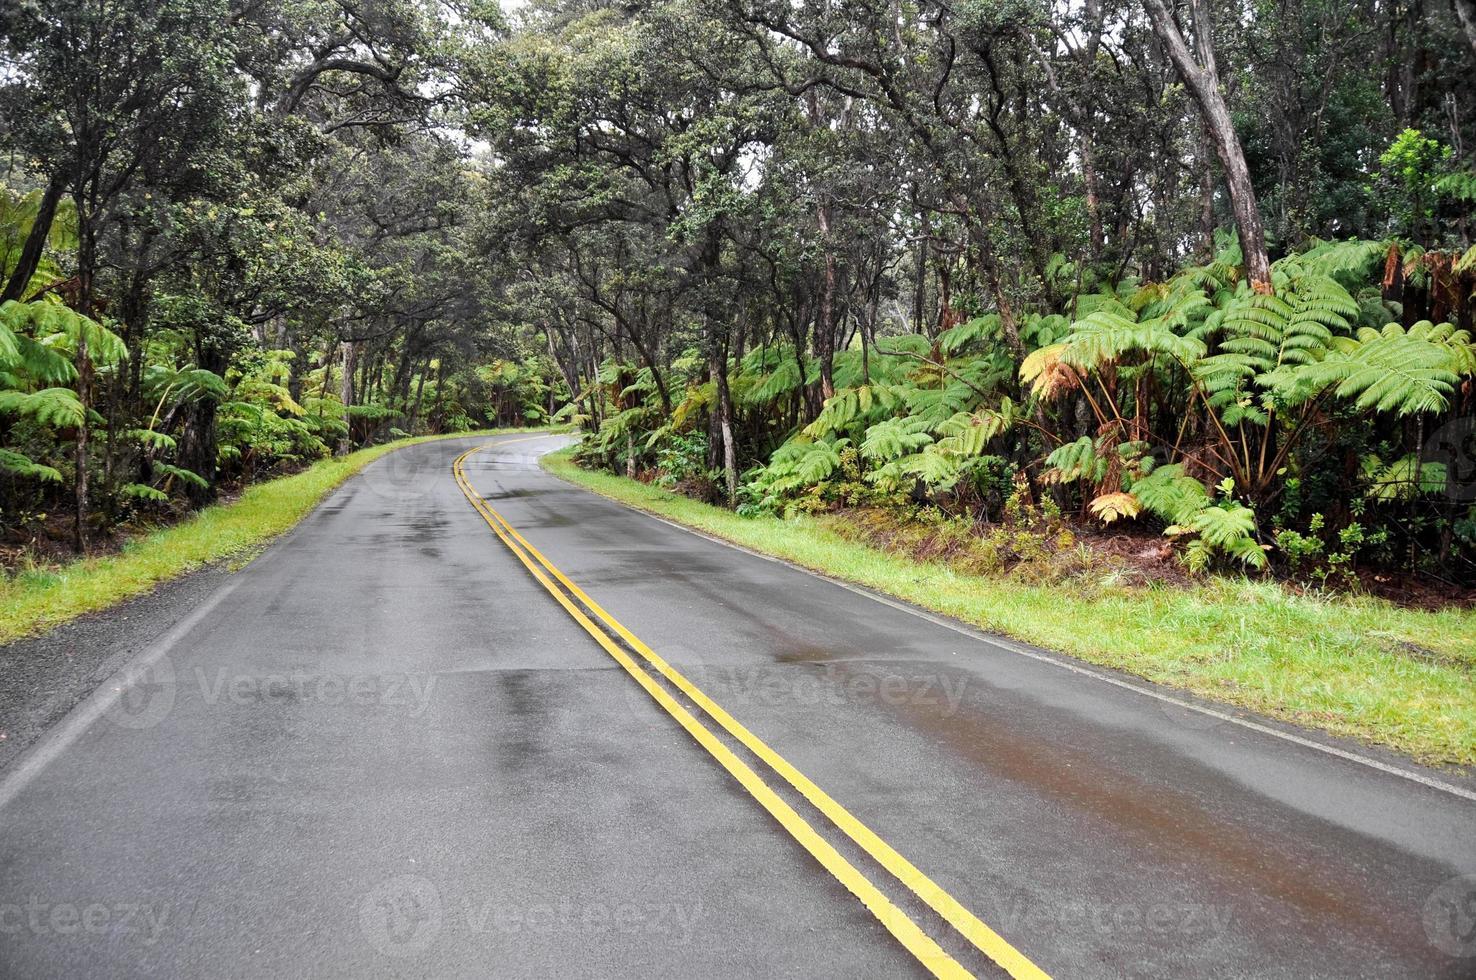 Kette von Kratern Straße, Hawaii Vulkane Nationalpark (USA) foto